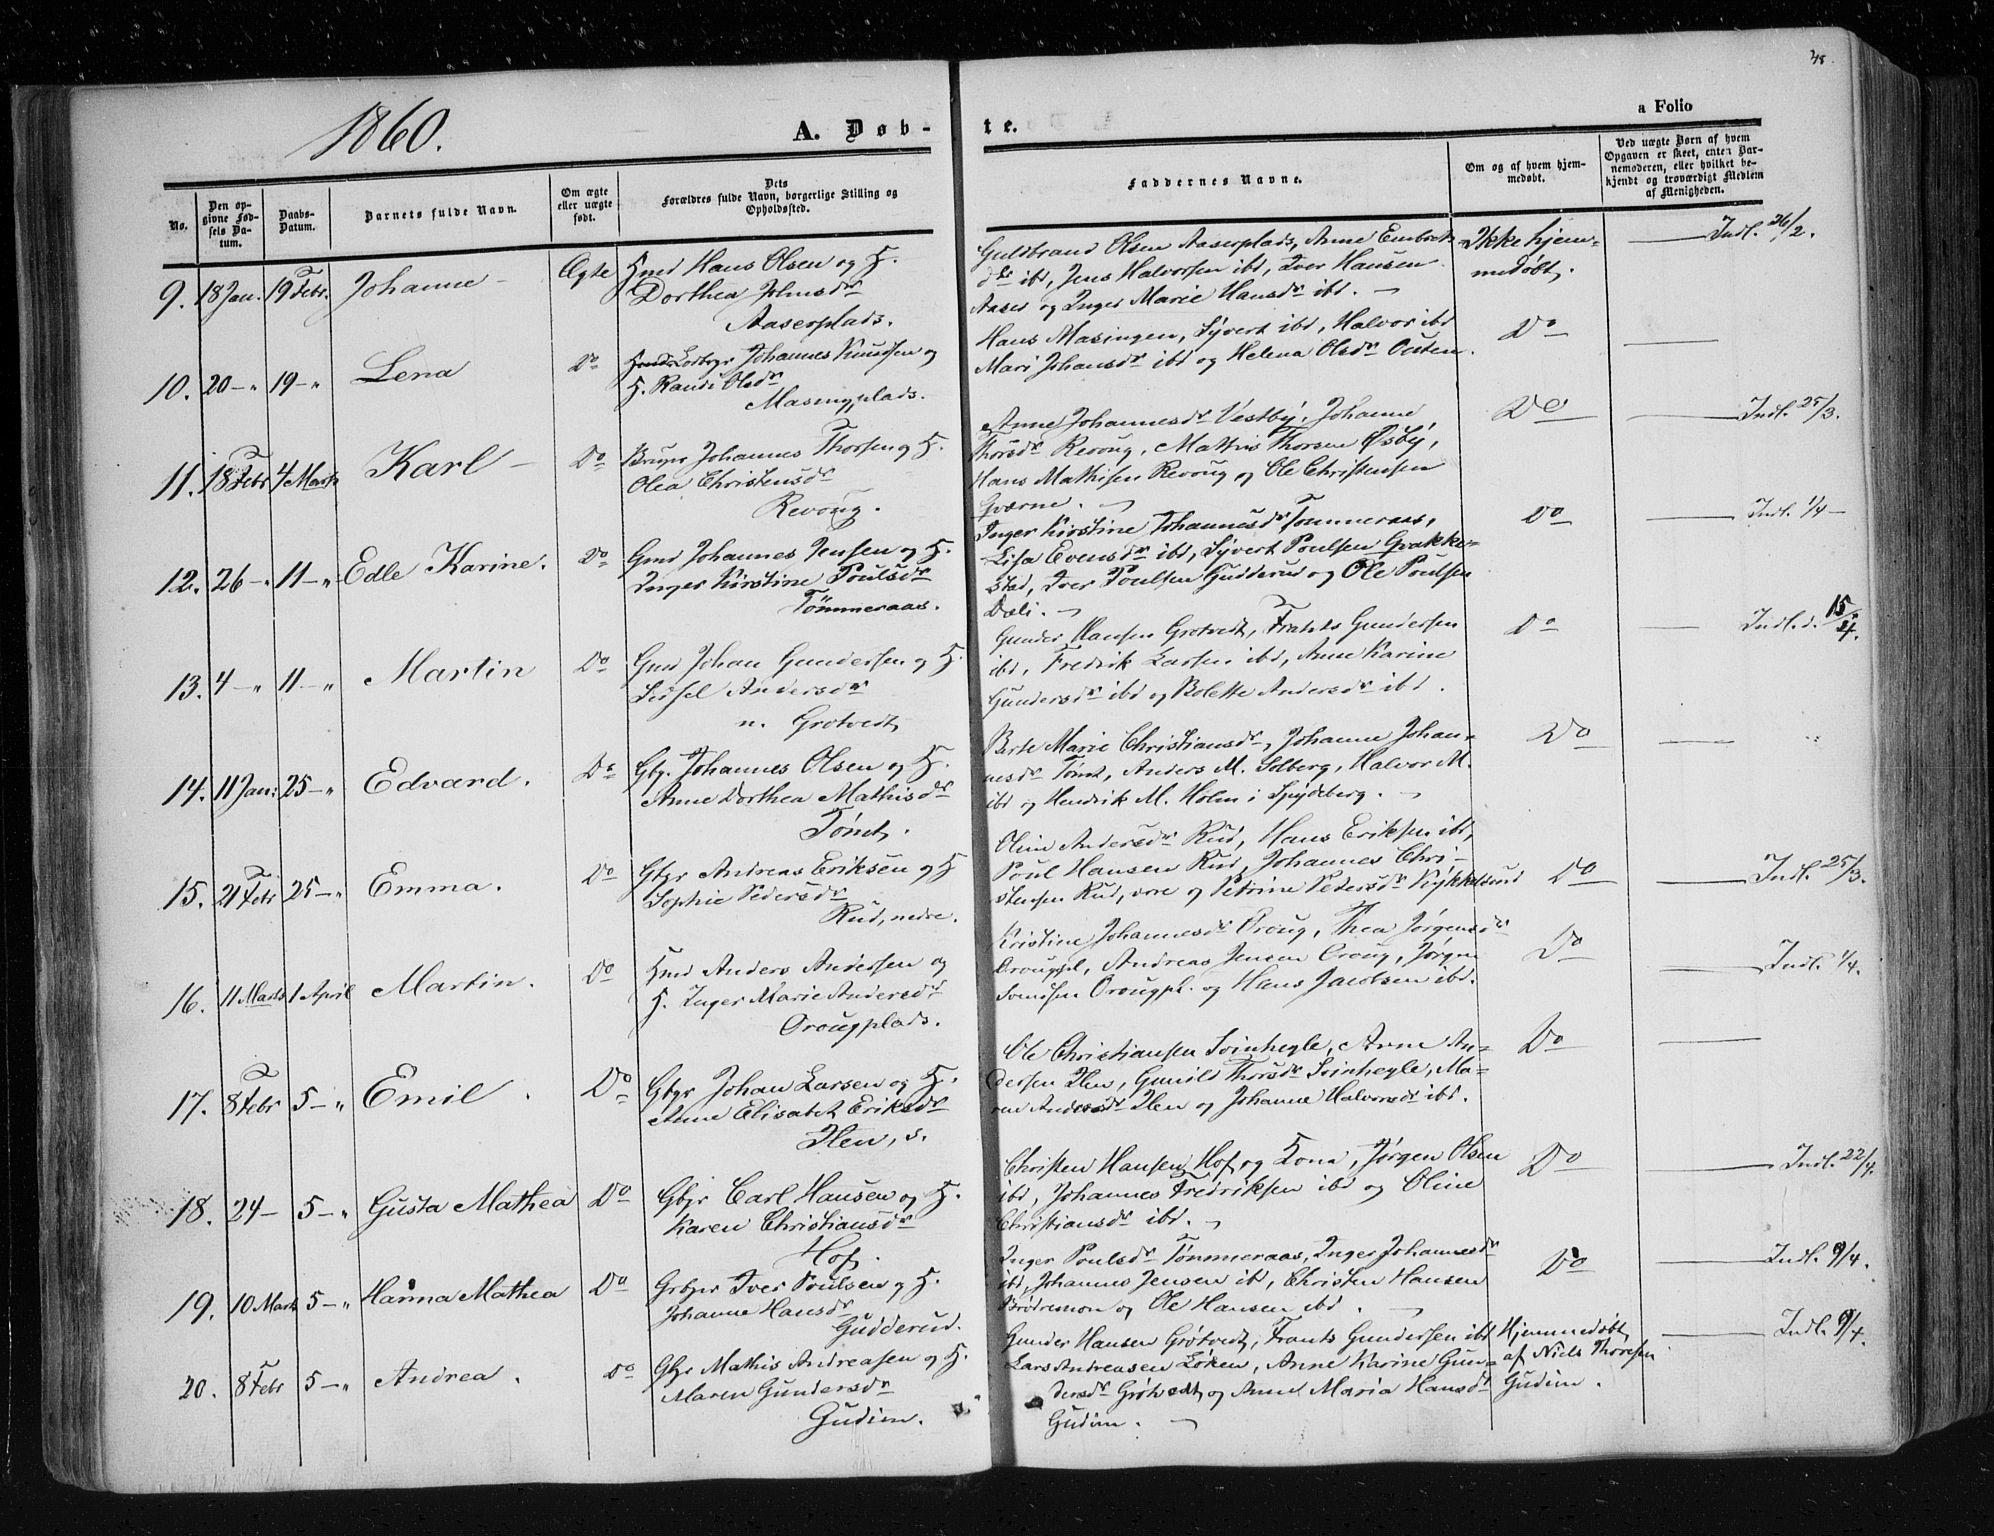 SAO, Askim prestekontor Kirkebøker, F/Fa/L0005: Ministerialbok nr. 5, 1847-1879, s. 48